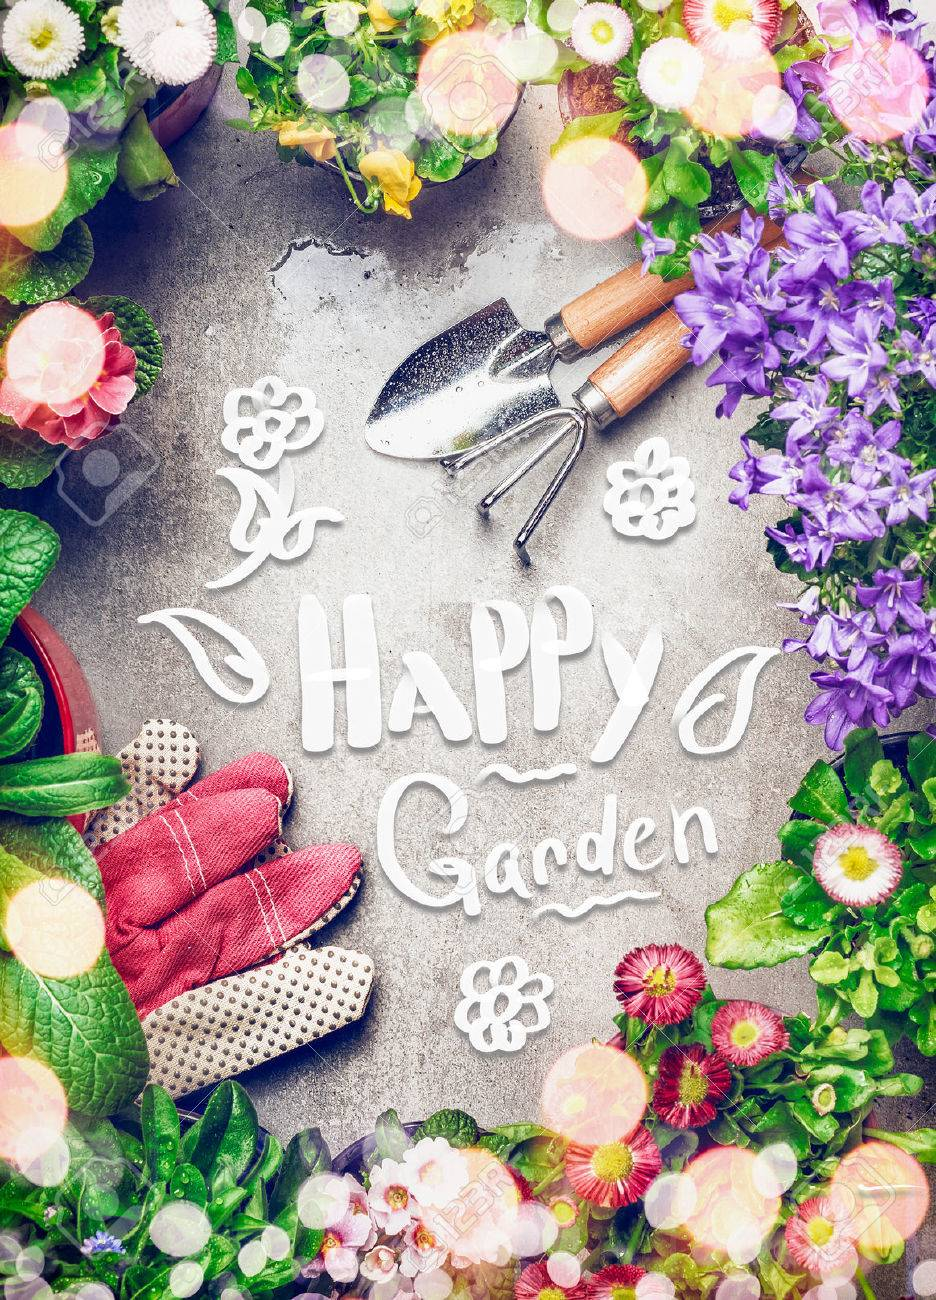 Fond de jardinage avec assortiment de fleurs de jardin colorées dans des  pots, des outils et du texte manuscrit jardin heureux, vue de dessus